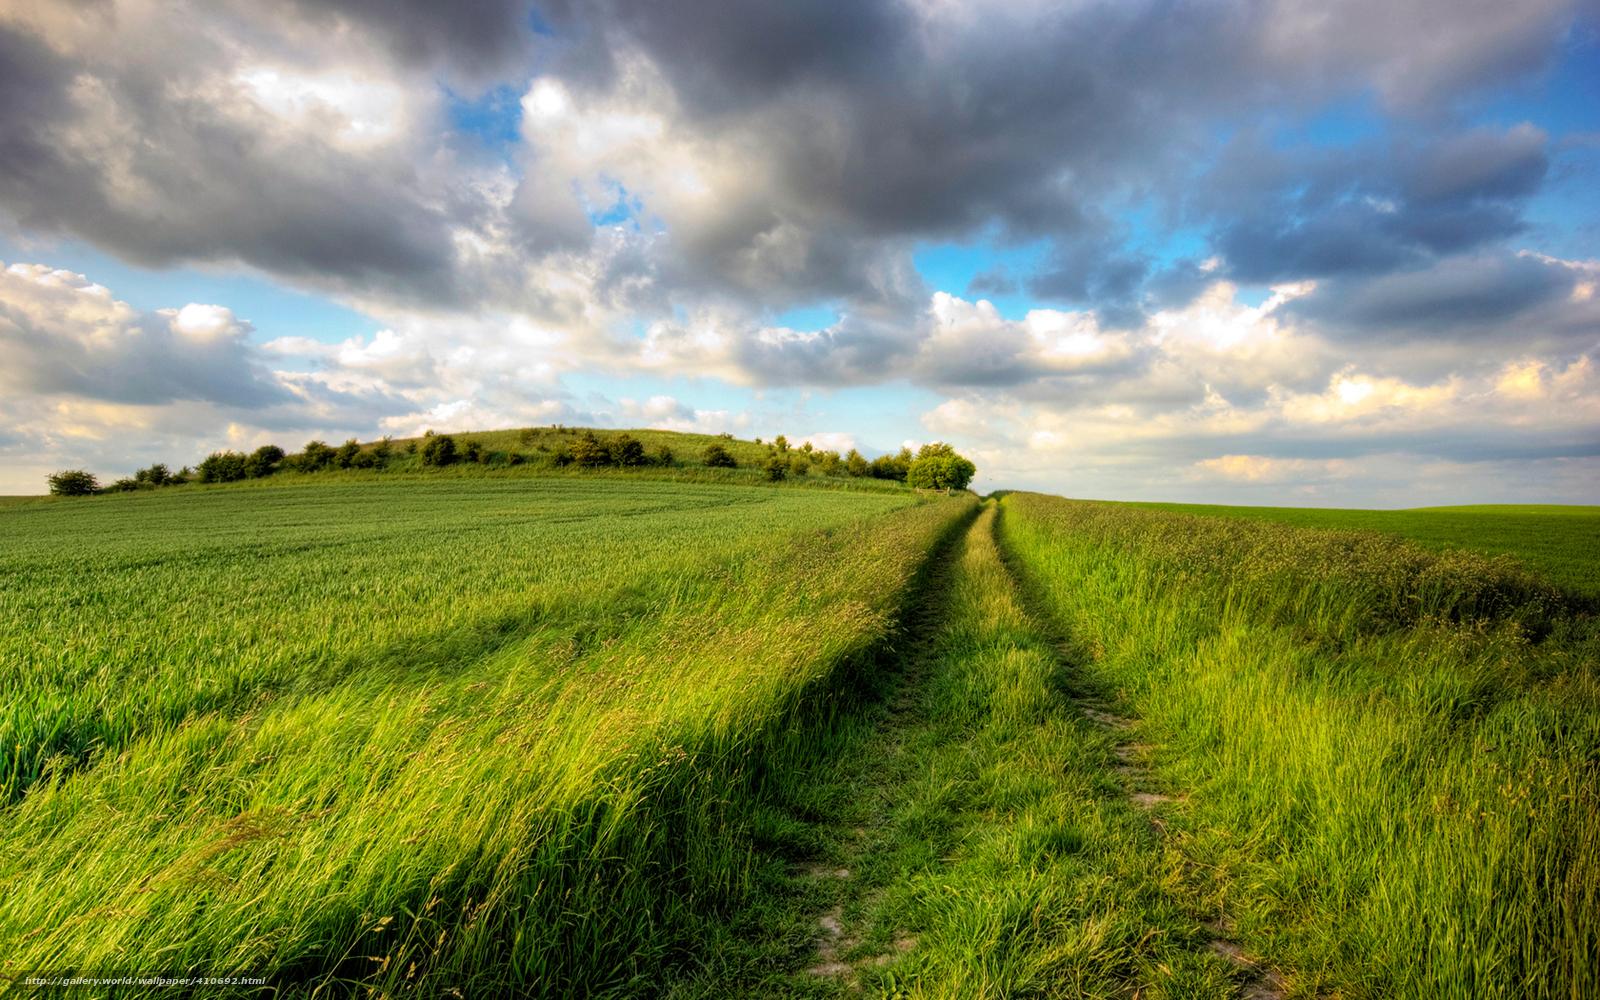 Скачать обои дорога,  след,  поле,  травы бесплатно для рабочего стола в разрешении 1680x1050 — картинка №410692